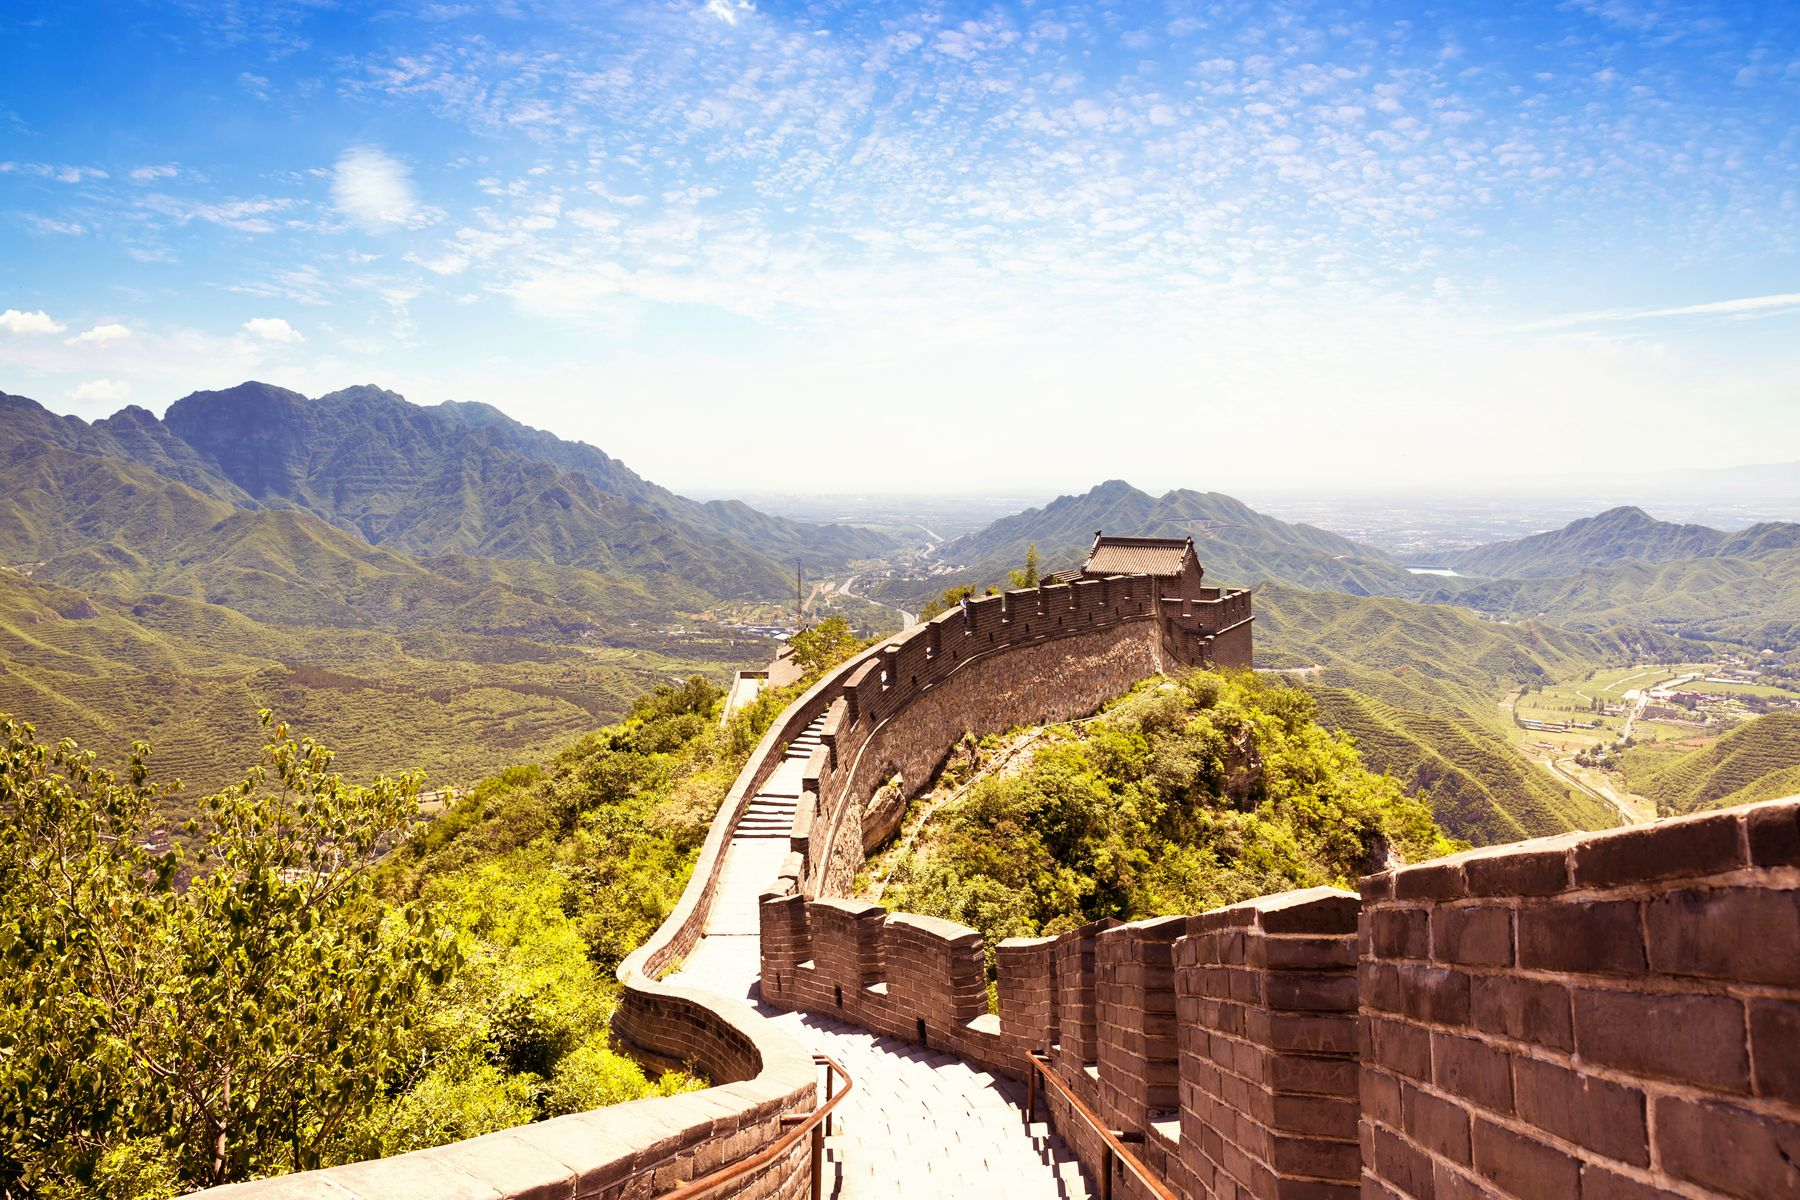 Los 20 lugares más fascinantes del mundo: China